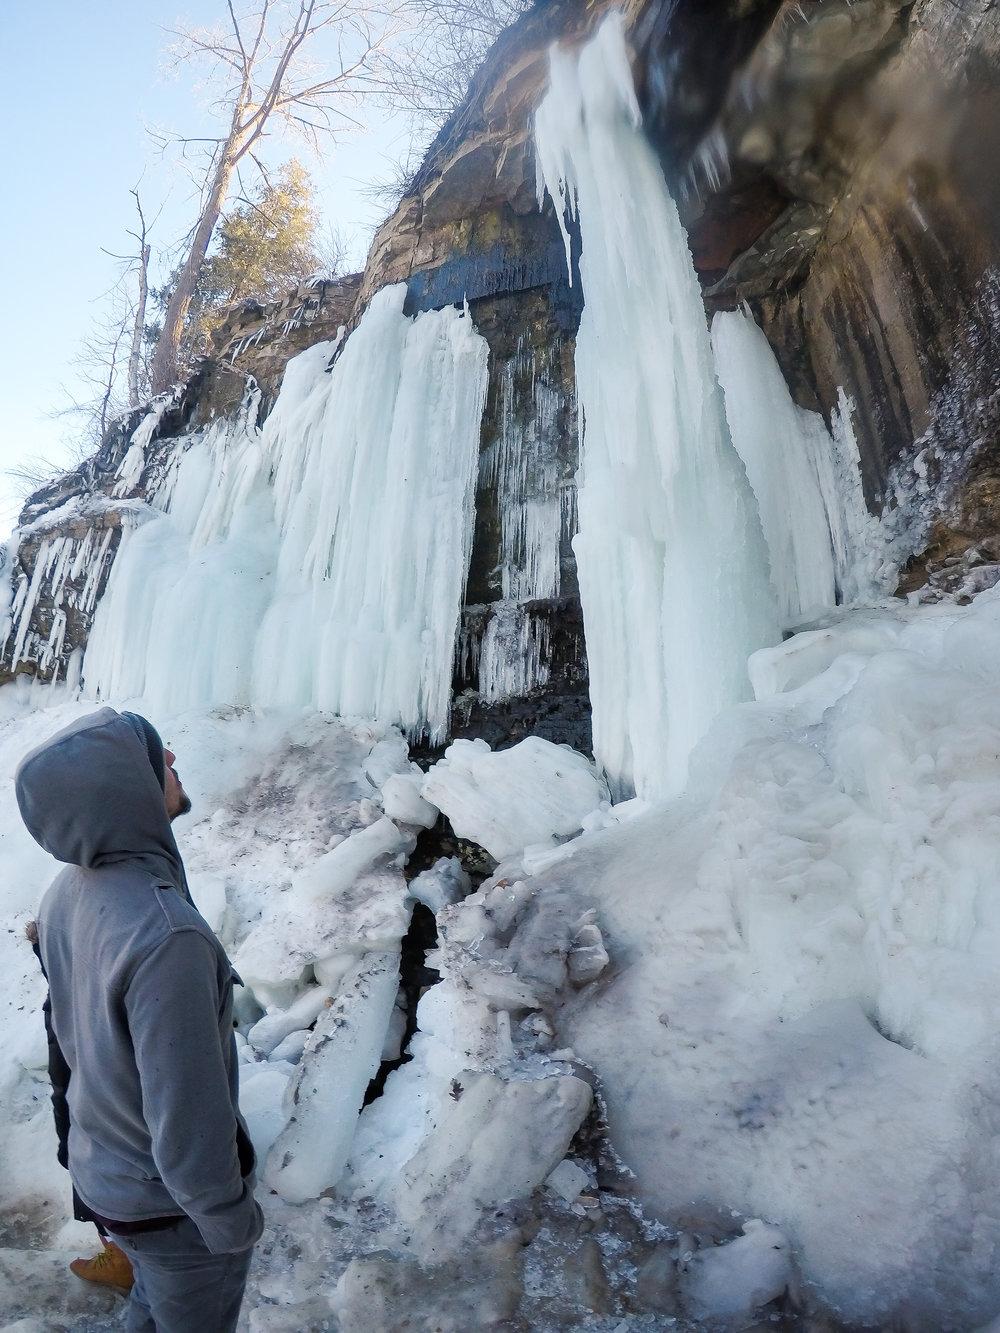 Impressive icicles